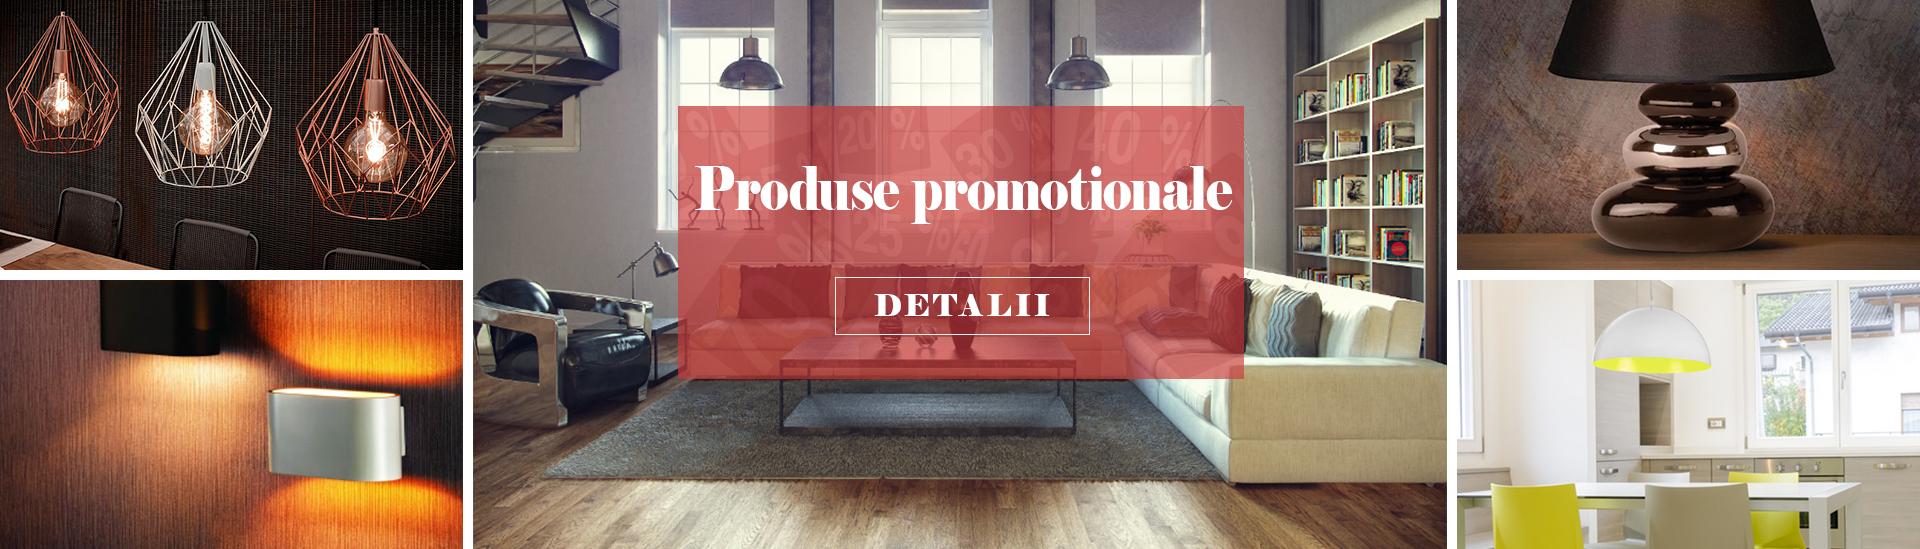 Promo_new